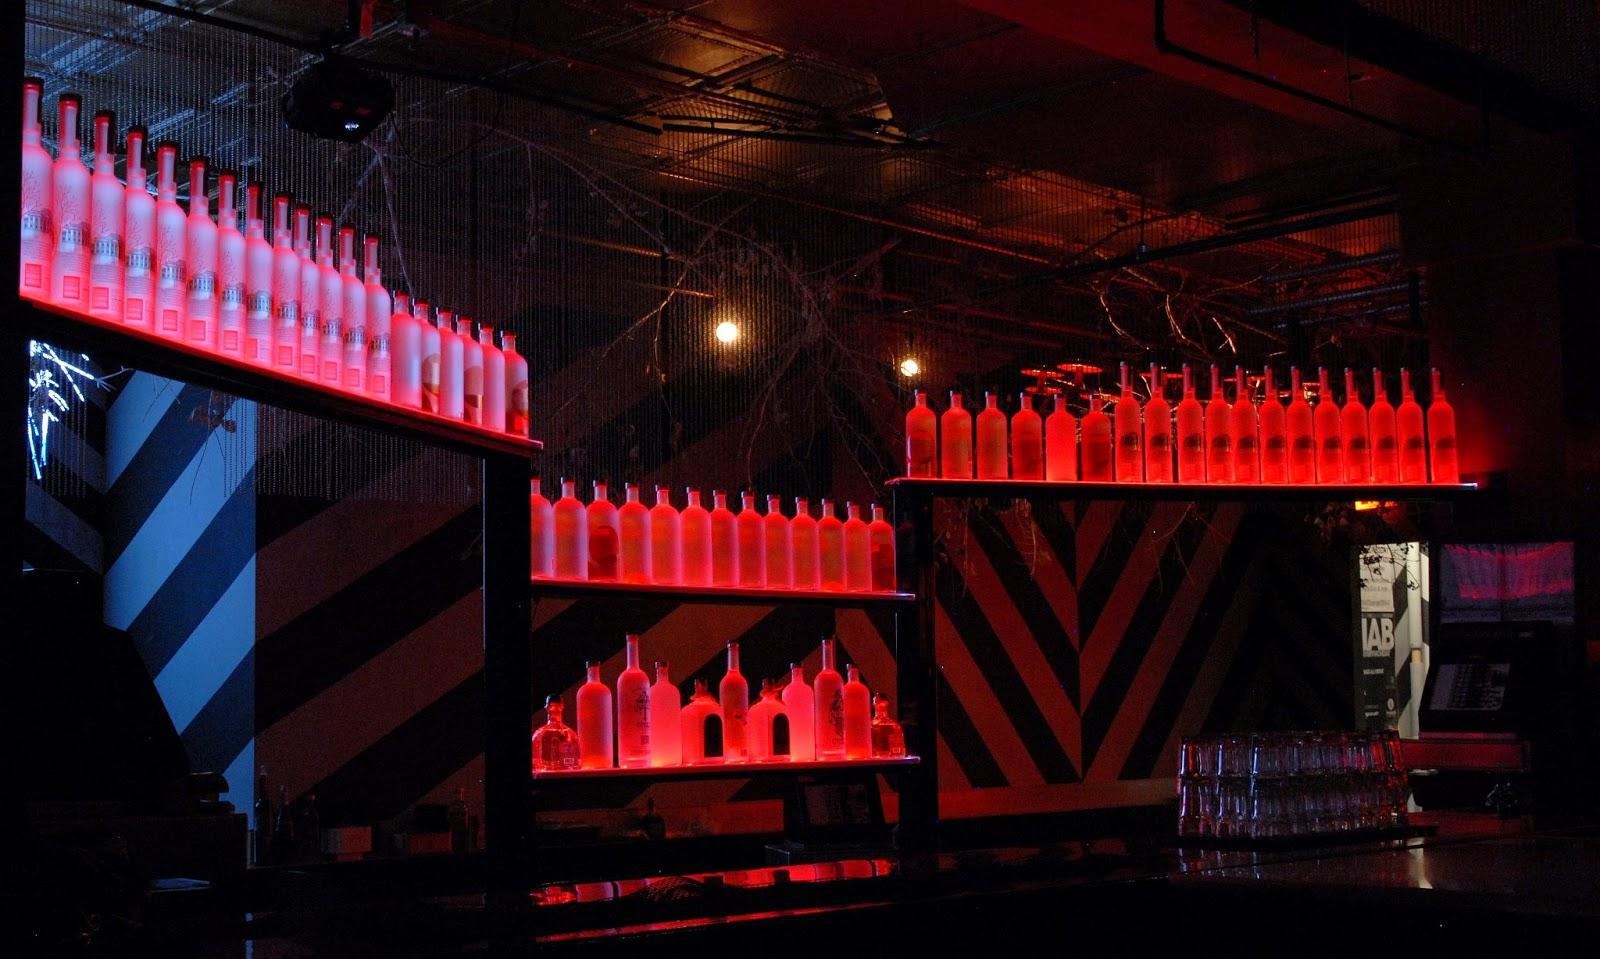 Lighted Bottle Shelves Ideas